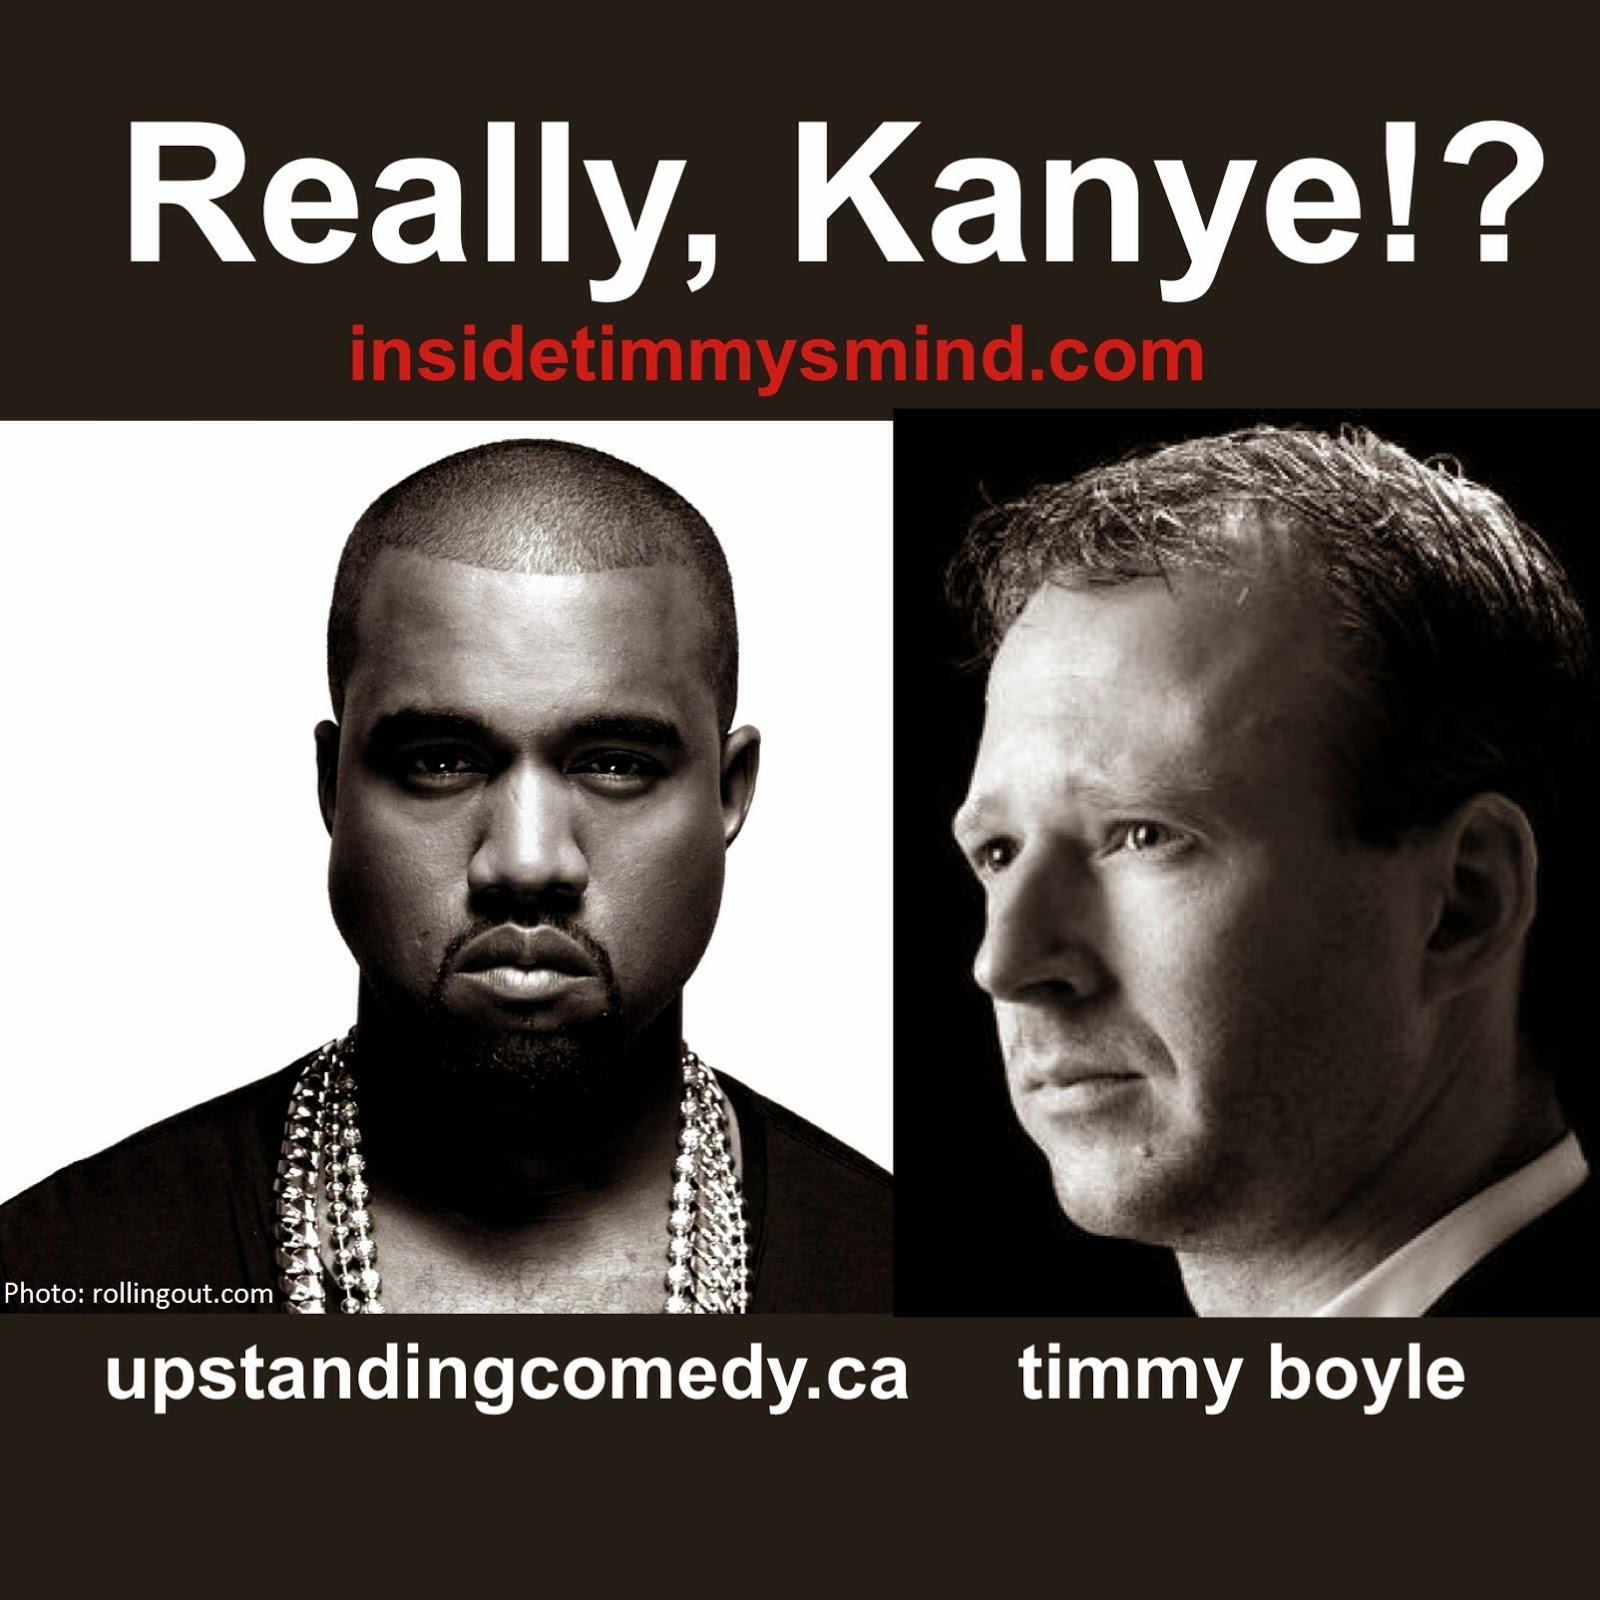 Timmy Boyle Kanye West